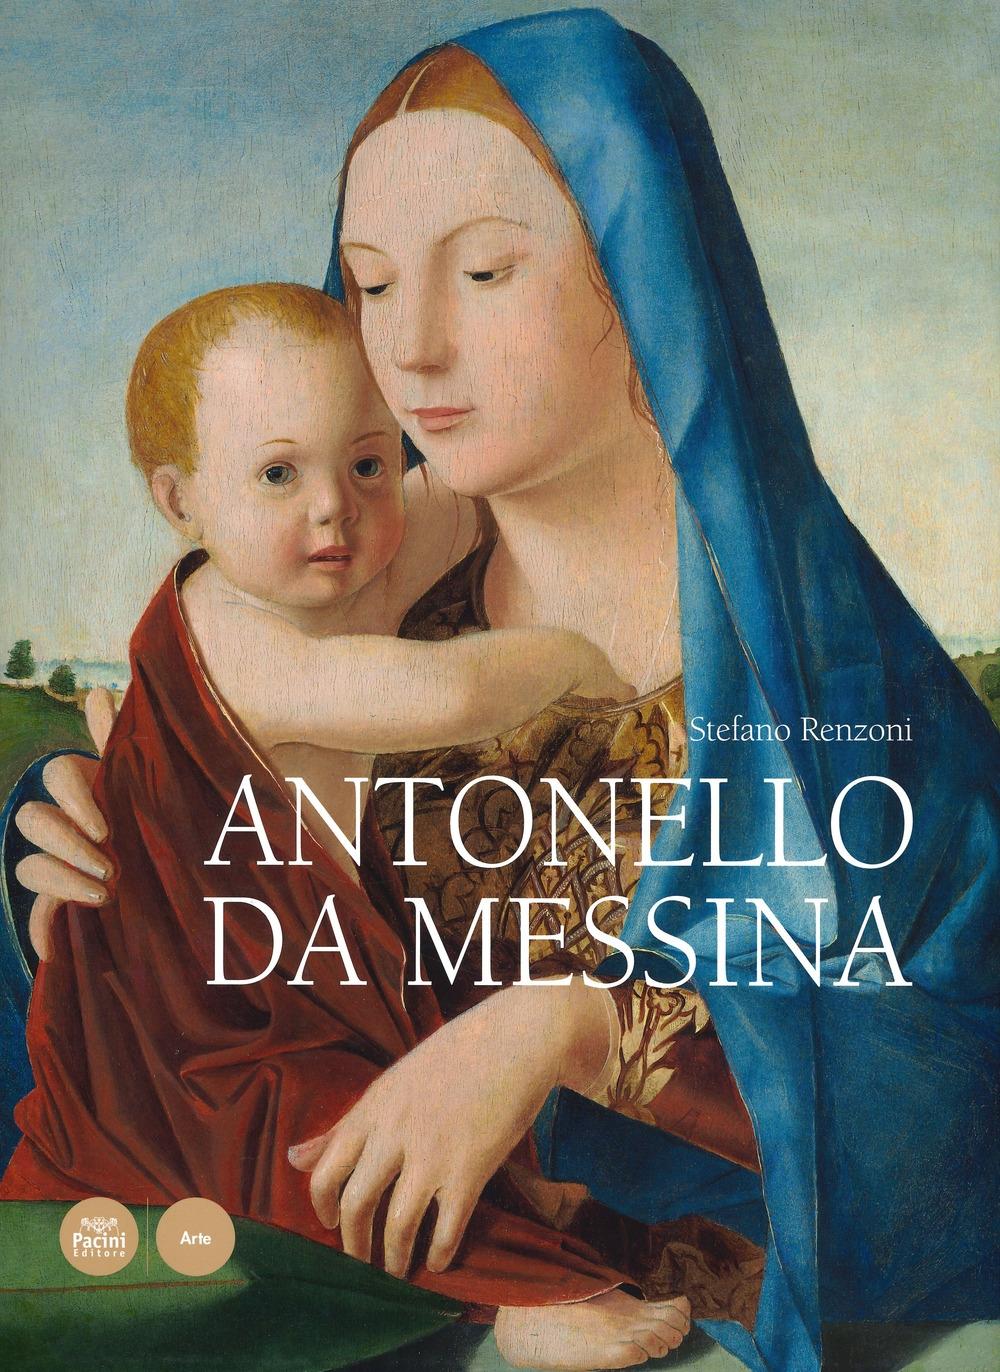 Antonello da Messina.